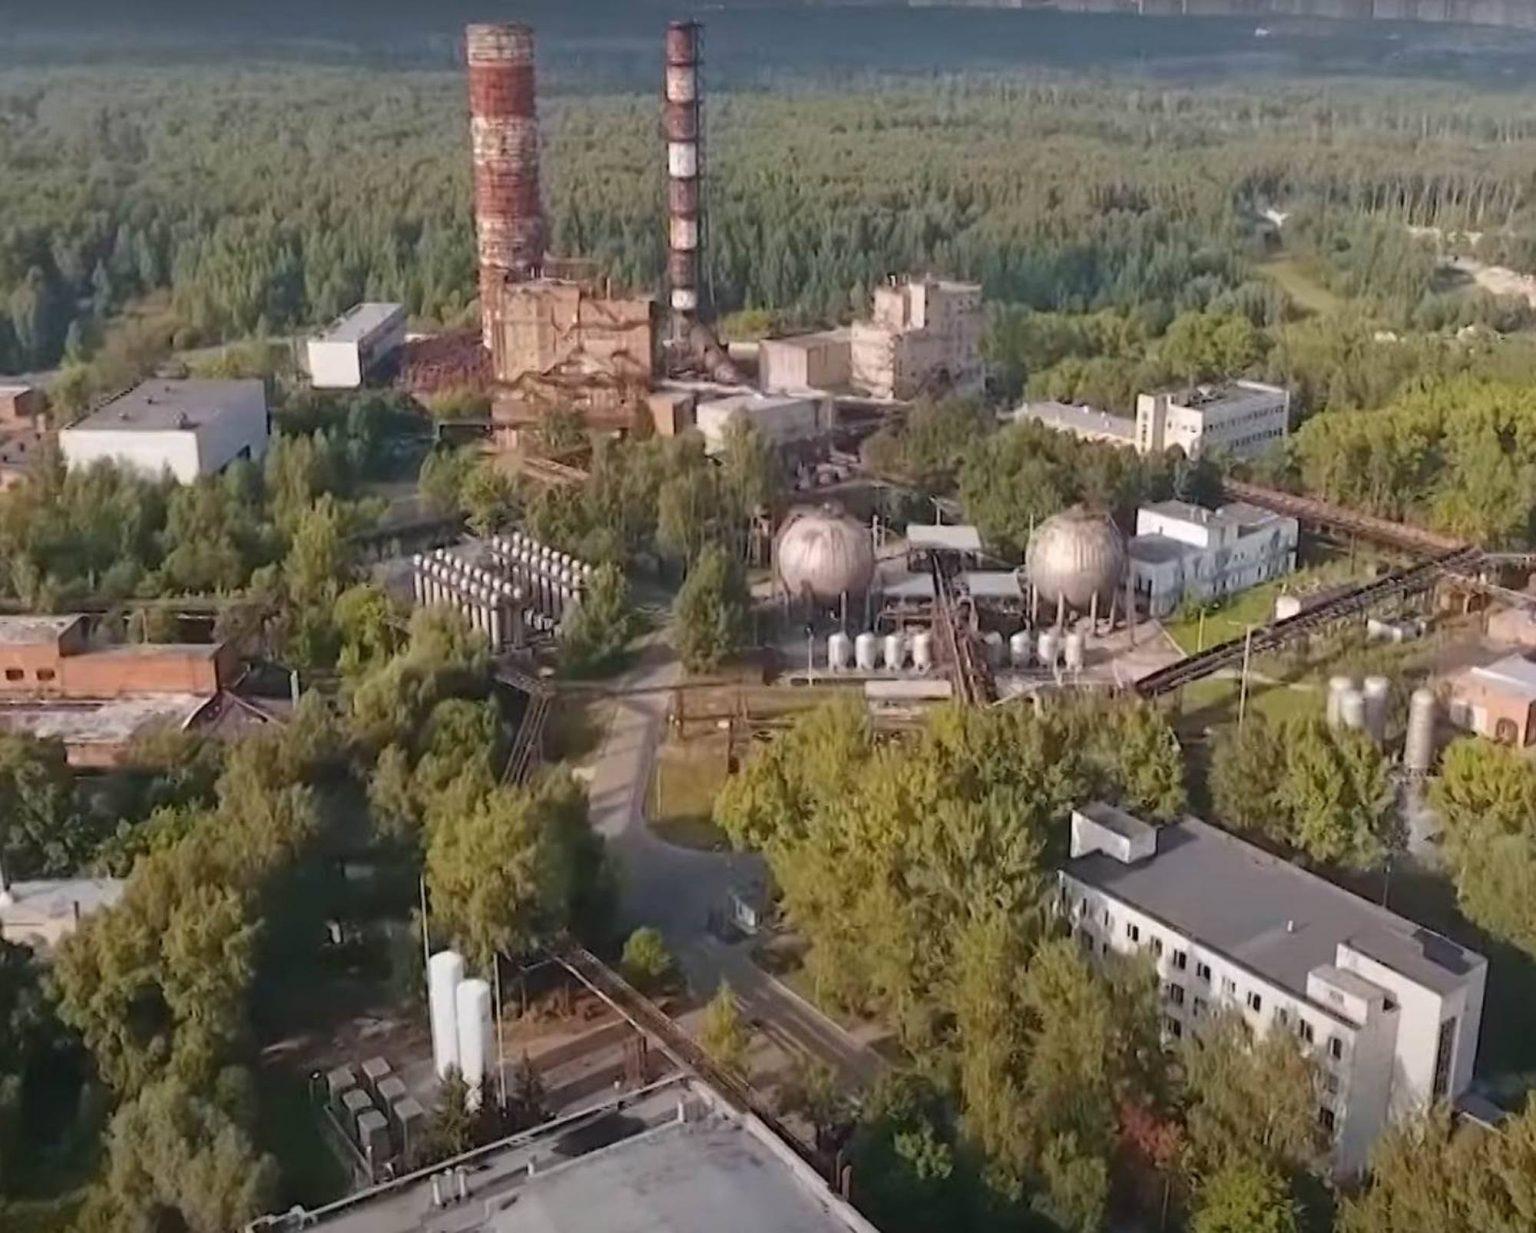 Le site d'essai des moteurs expérimentaux d'Energomash dans la banlieue de Moscou.